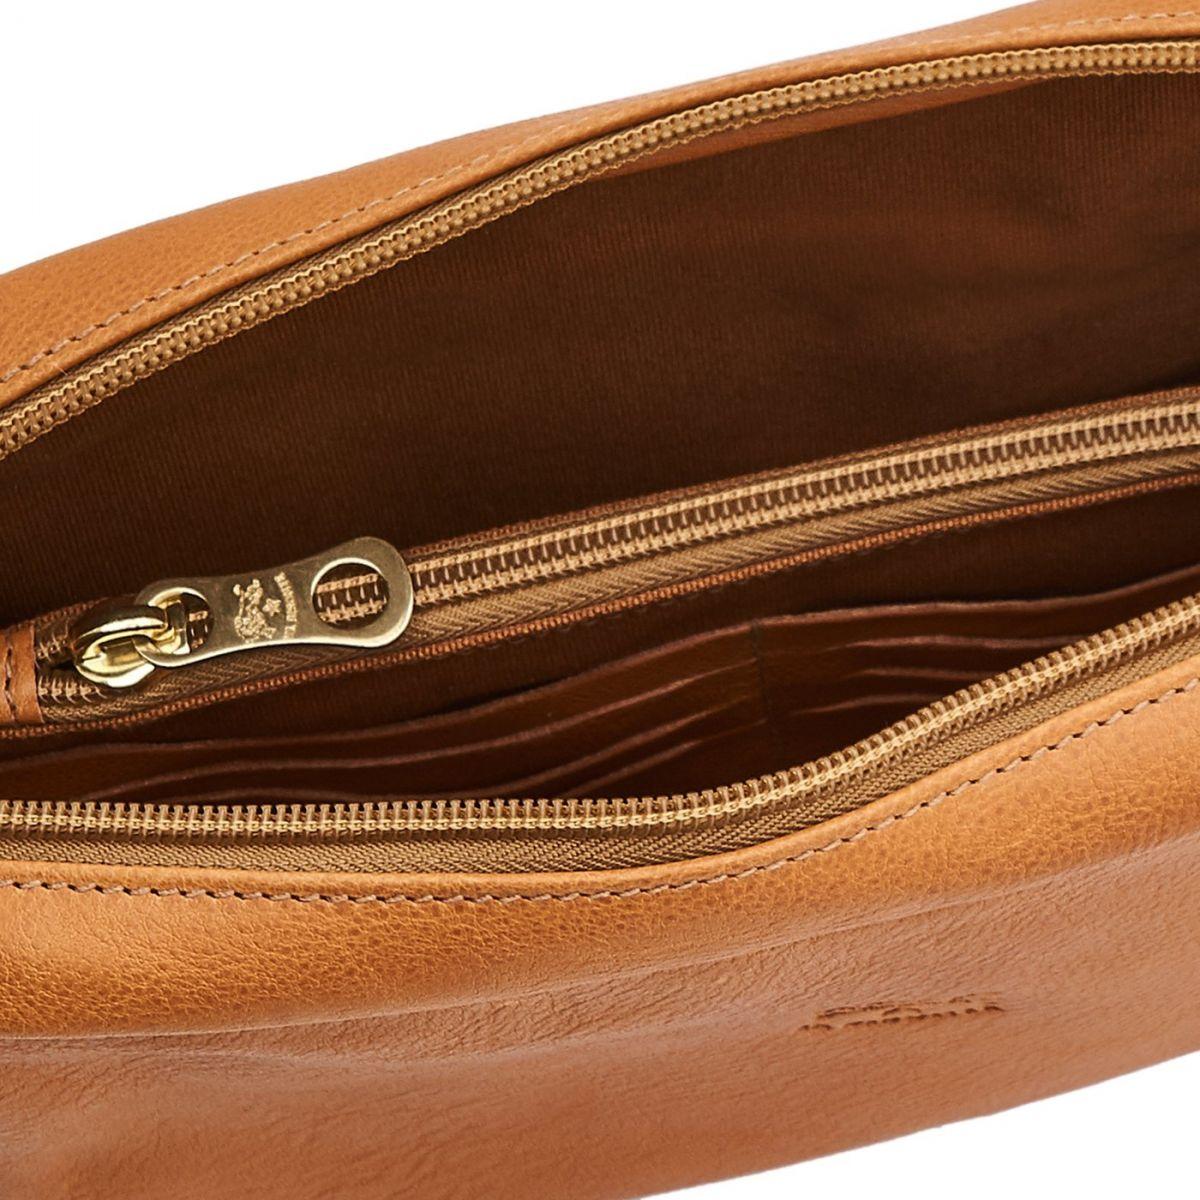 Men's Clutch Bag in Vintage Cowhide Leather BCL009 color Natural | Details